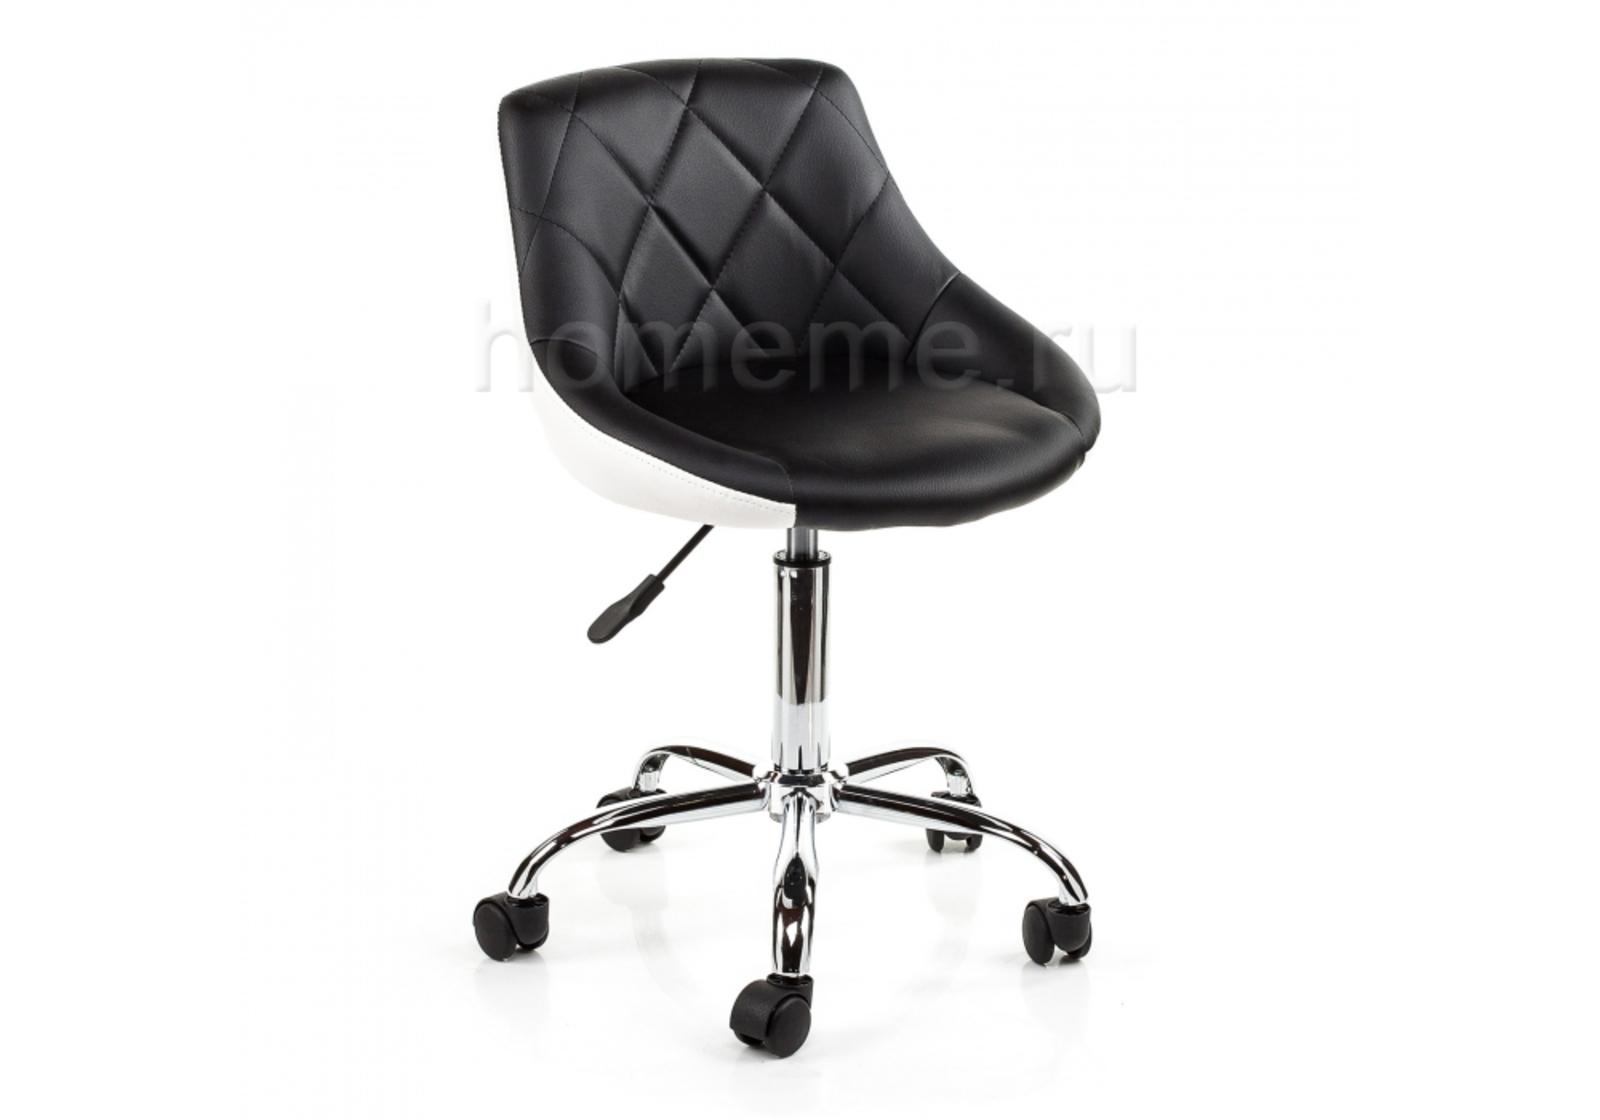 Кресло для офиса HomeMe Combi черный / белый 1559 от Homeme.ru